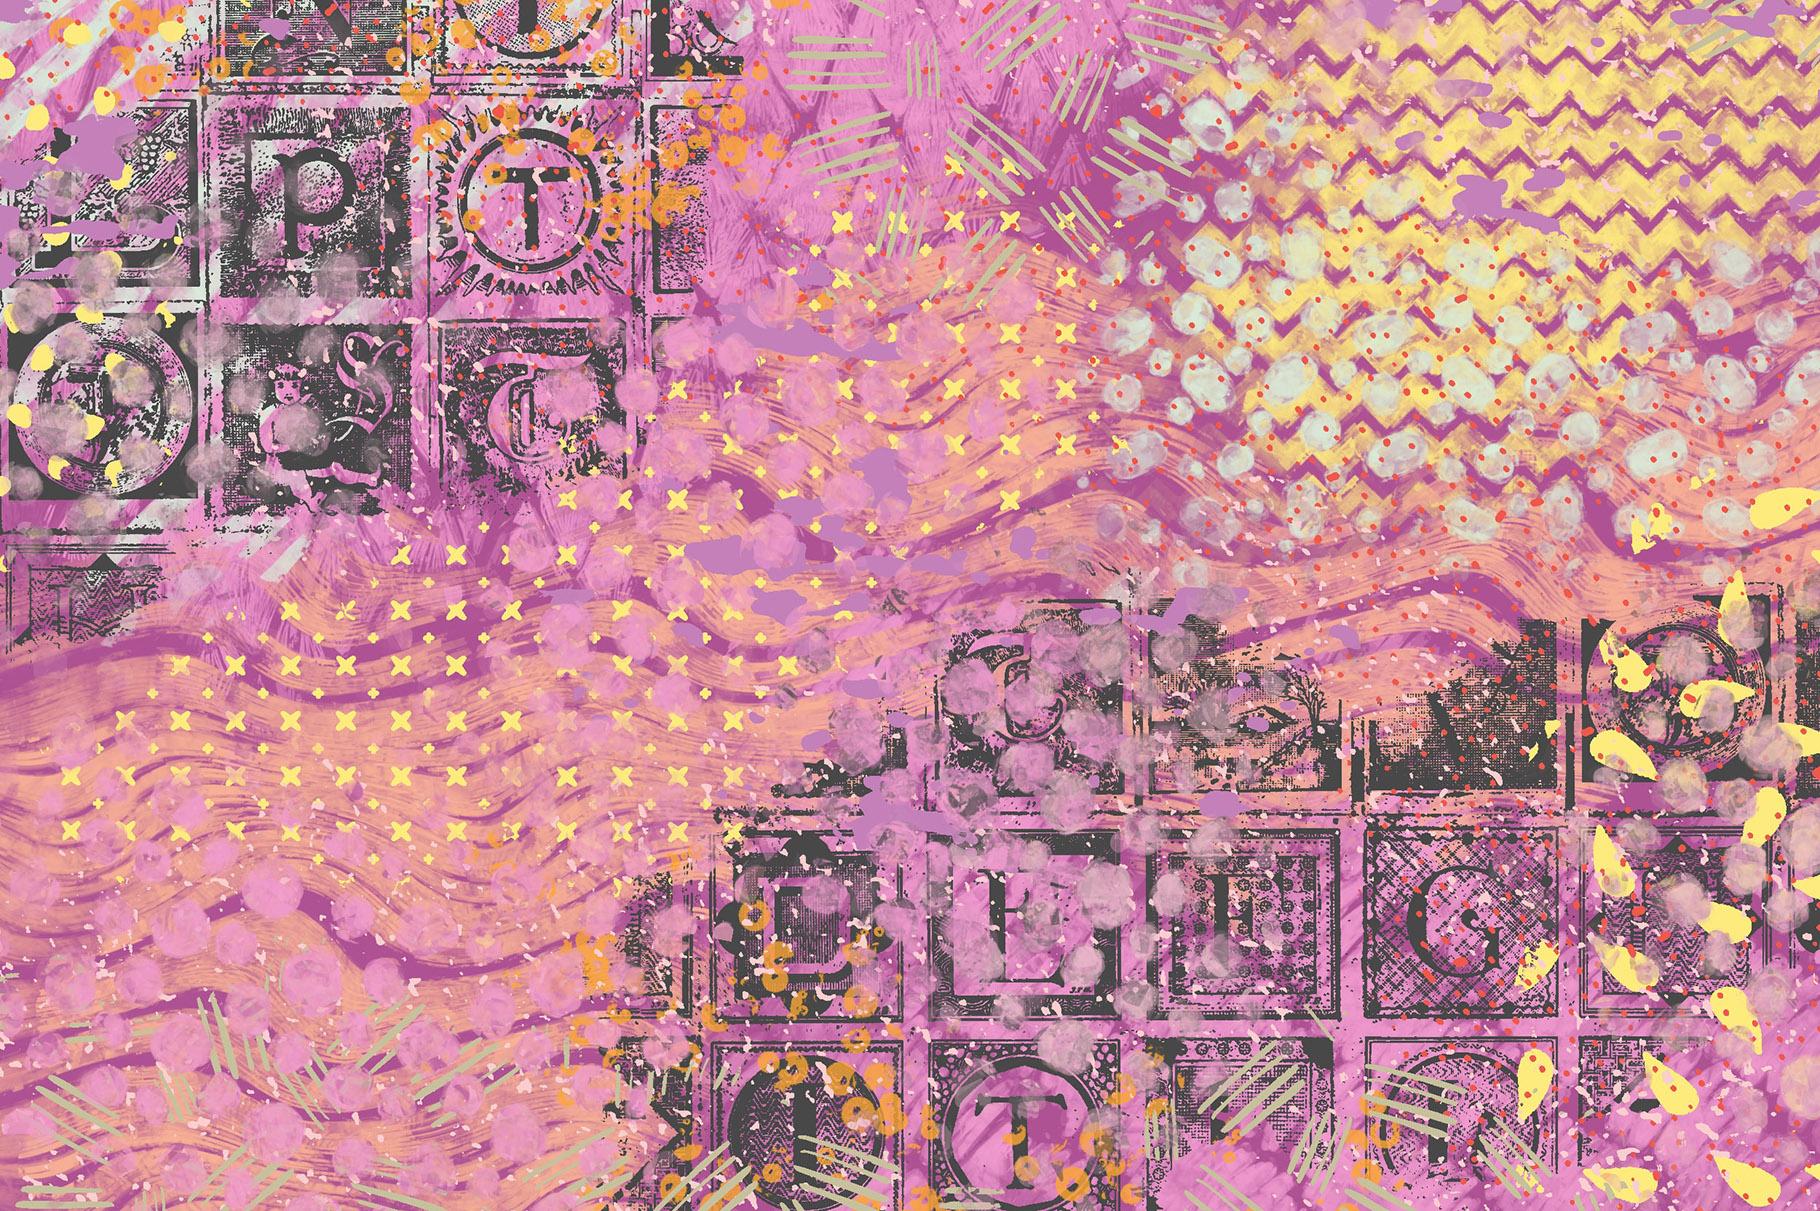 Procreate Background Brushes Set 2 example image 12